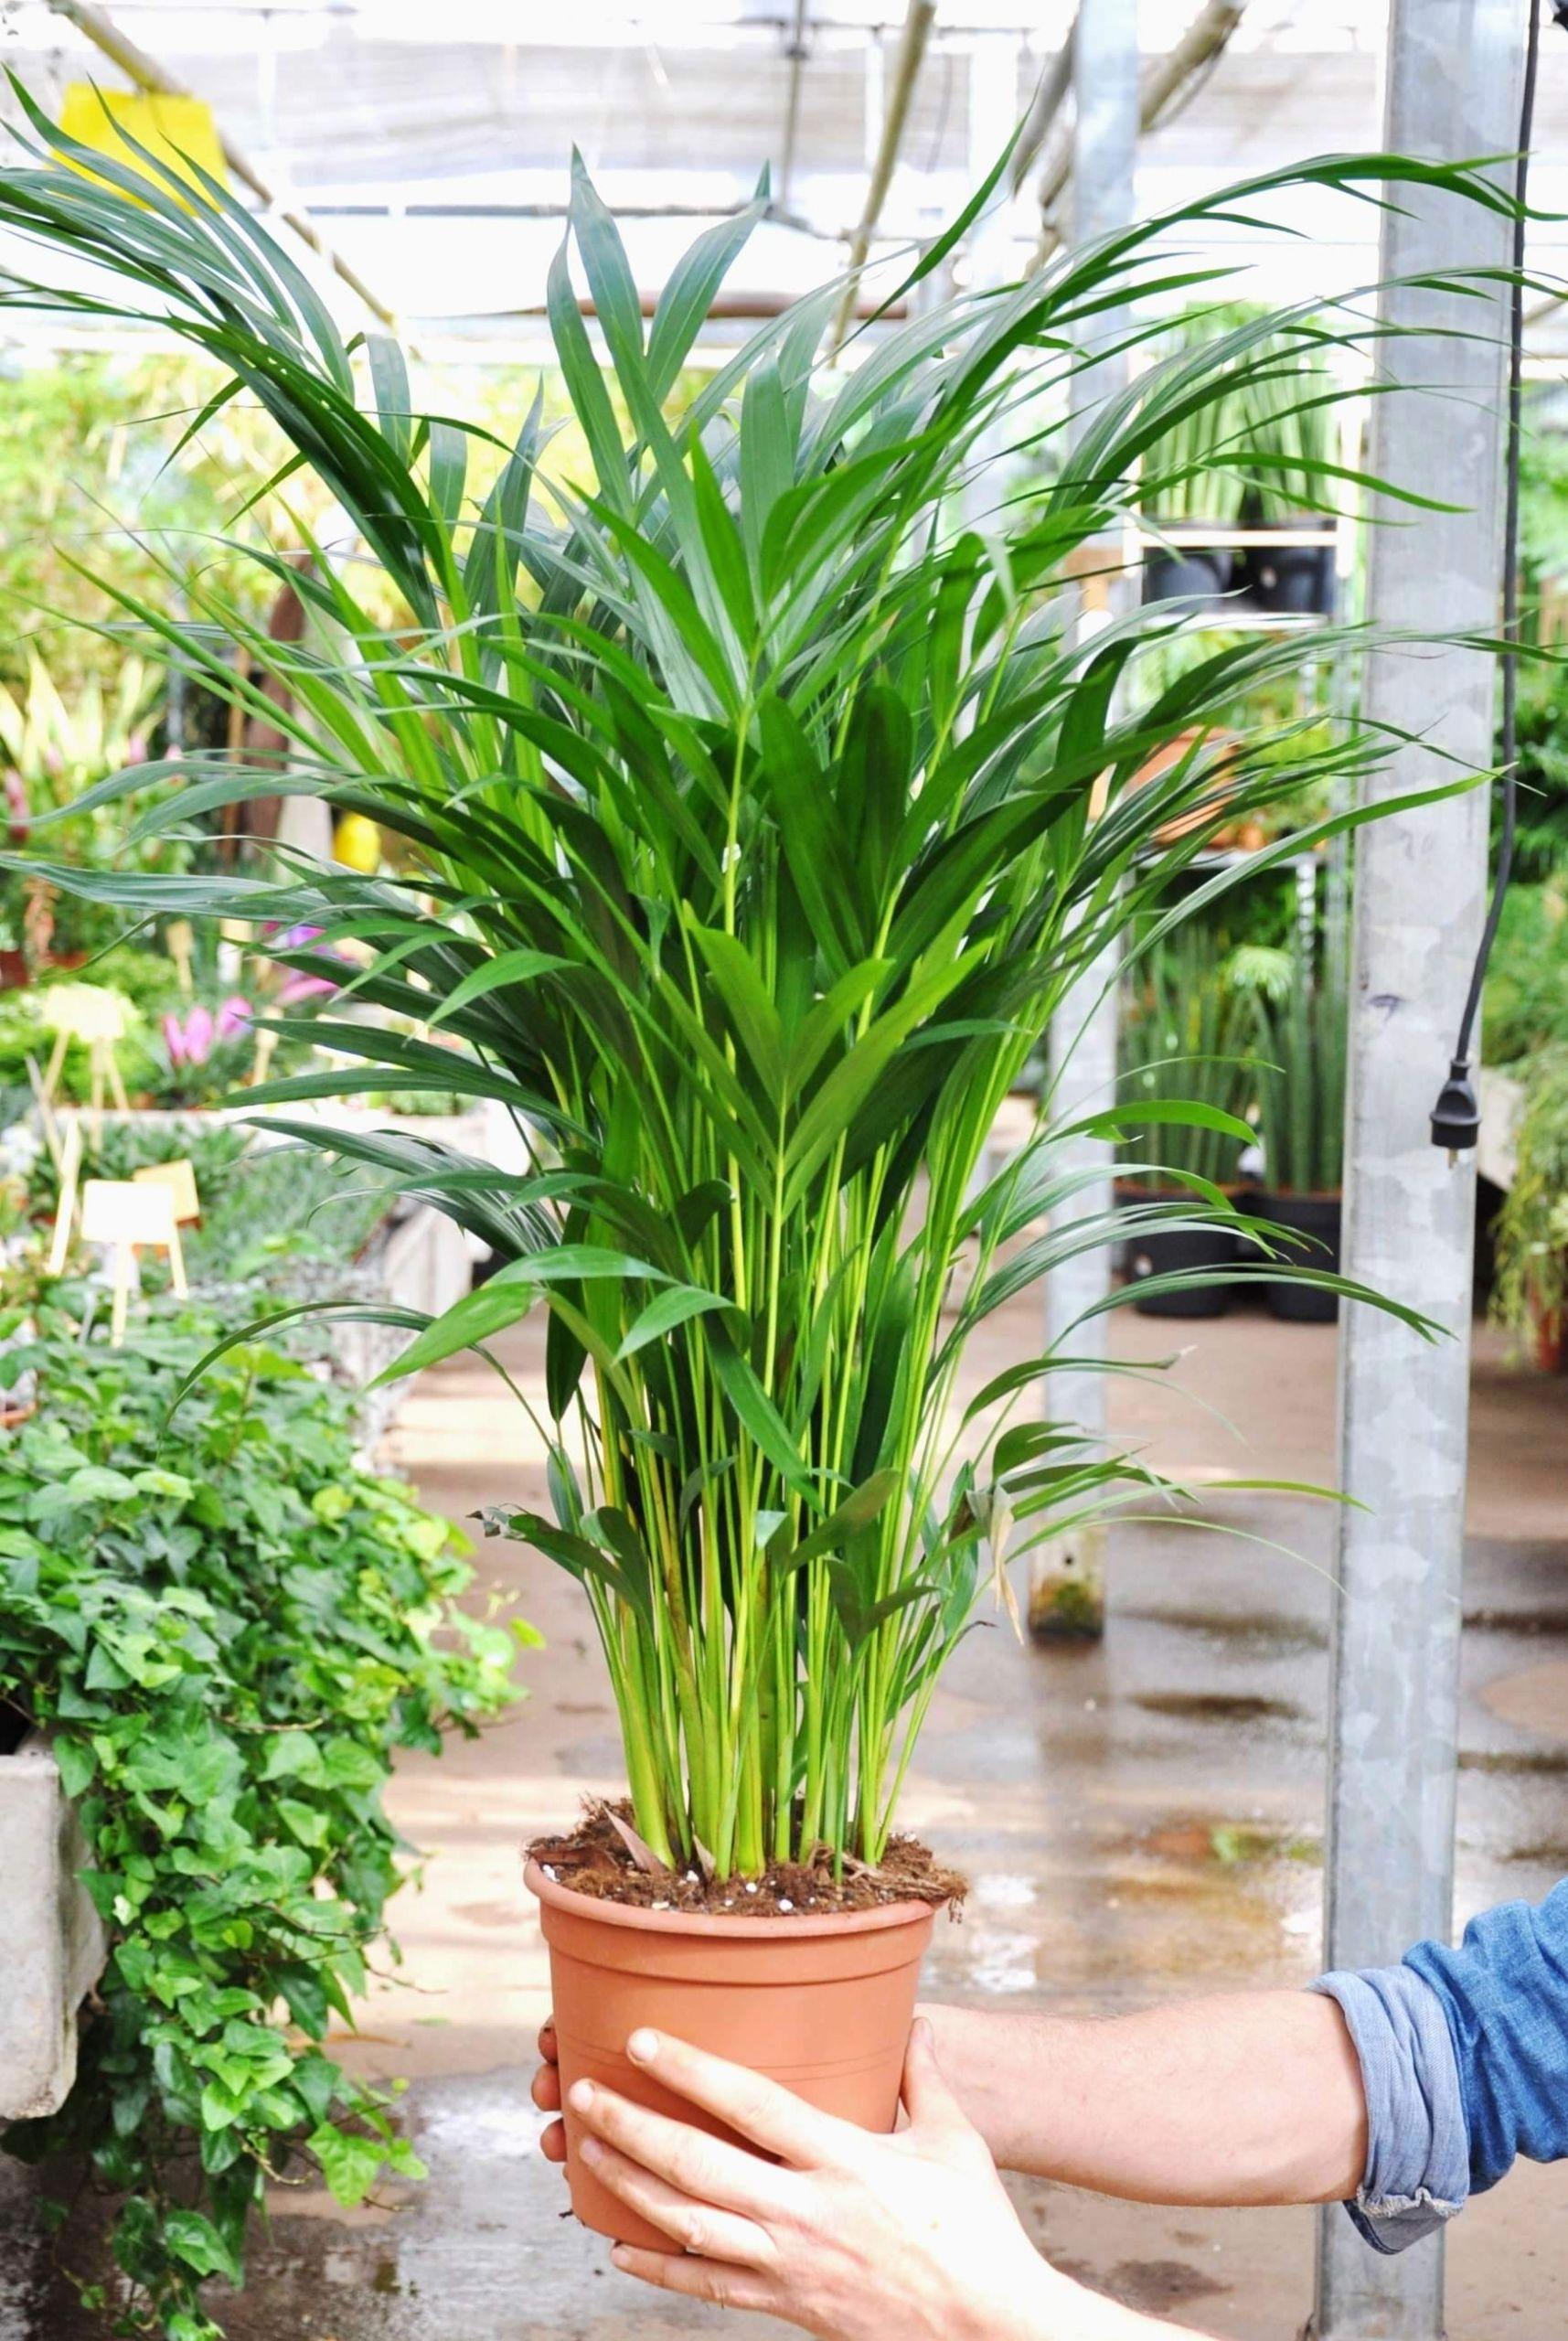 palme wohnzimmer luxus wohnzimmer palme ideen worauf sie achten sollten of palme wohnzimmer scaled